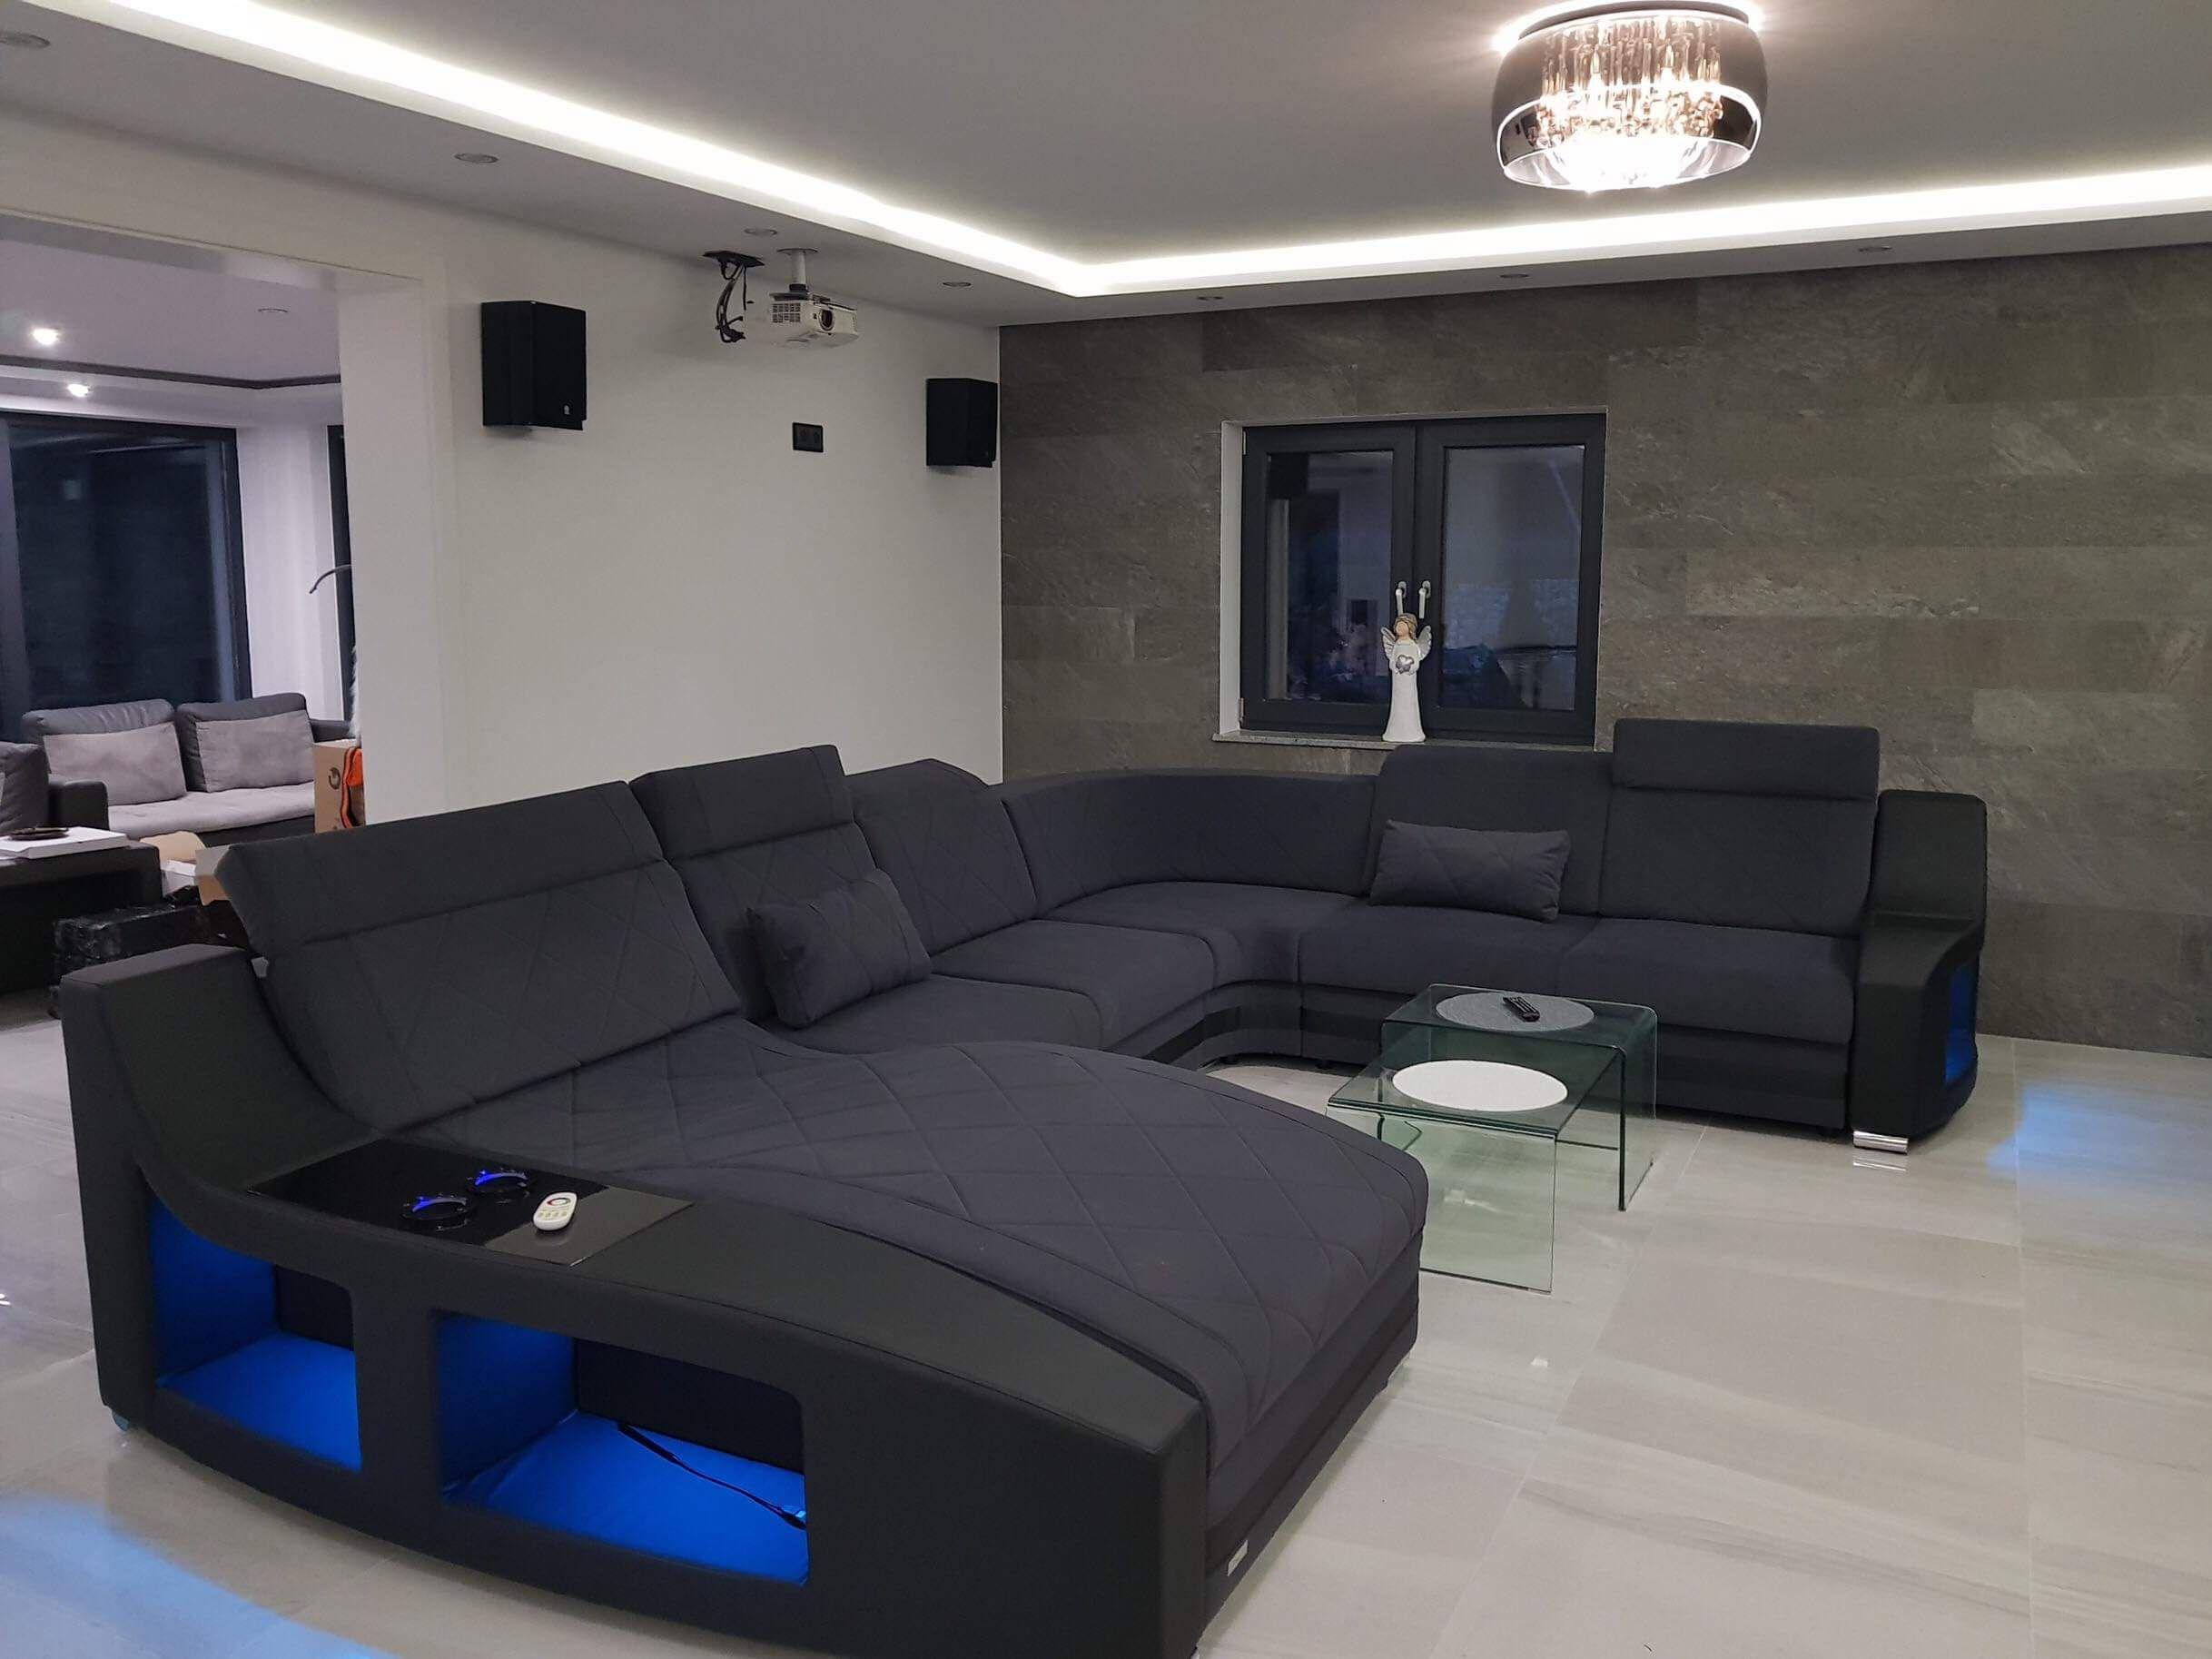 Polster Wohnlandschaft Swing U Form In 2020 Sofa Design Wohnzimmerfarben Und Wohnen